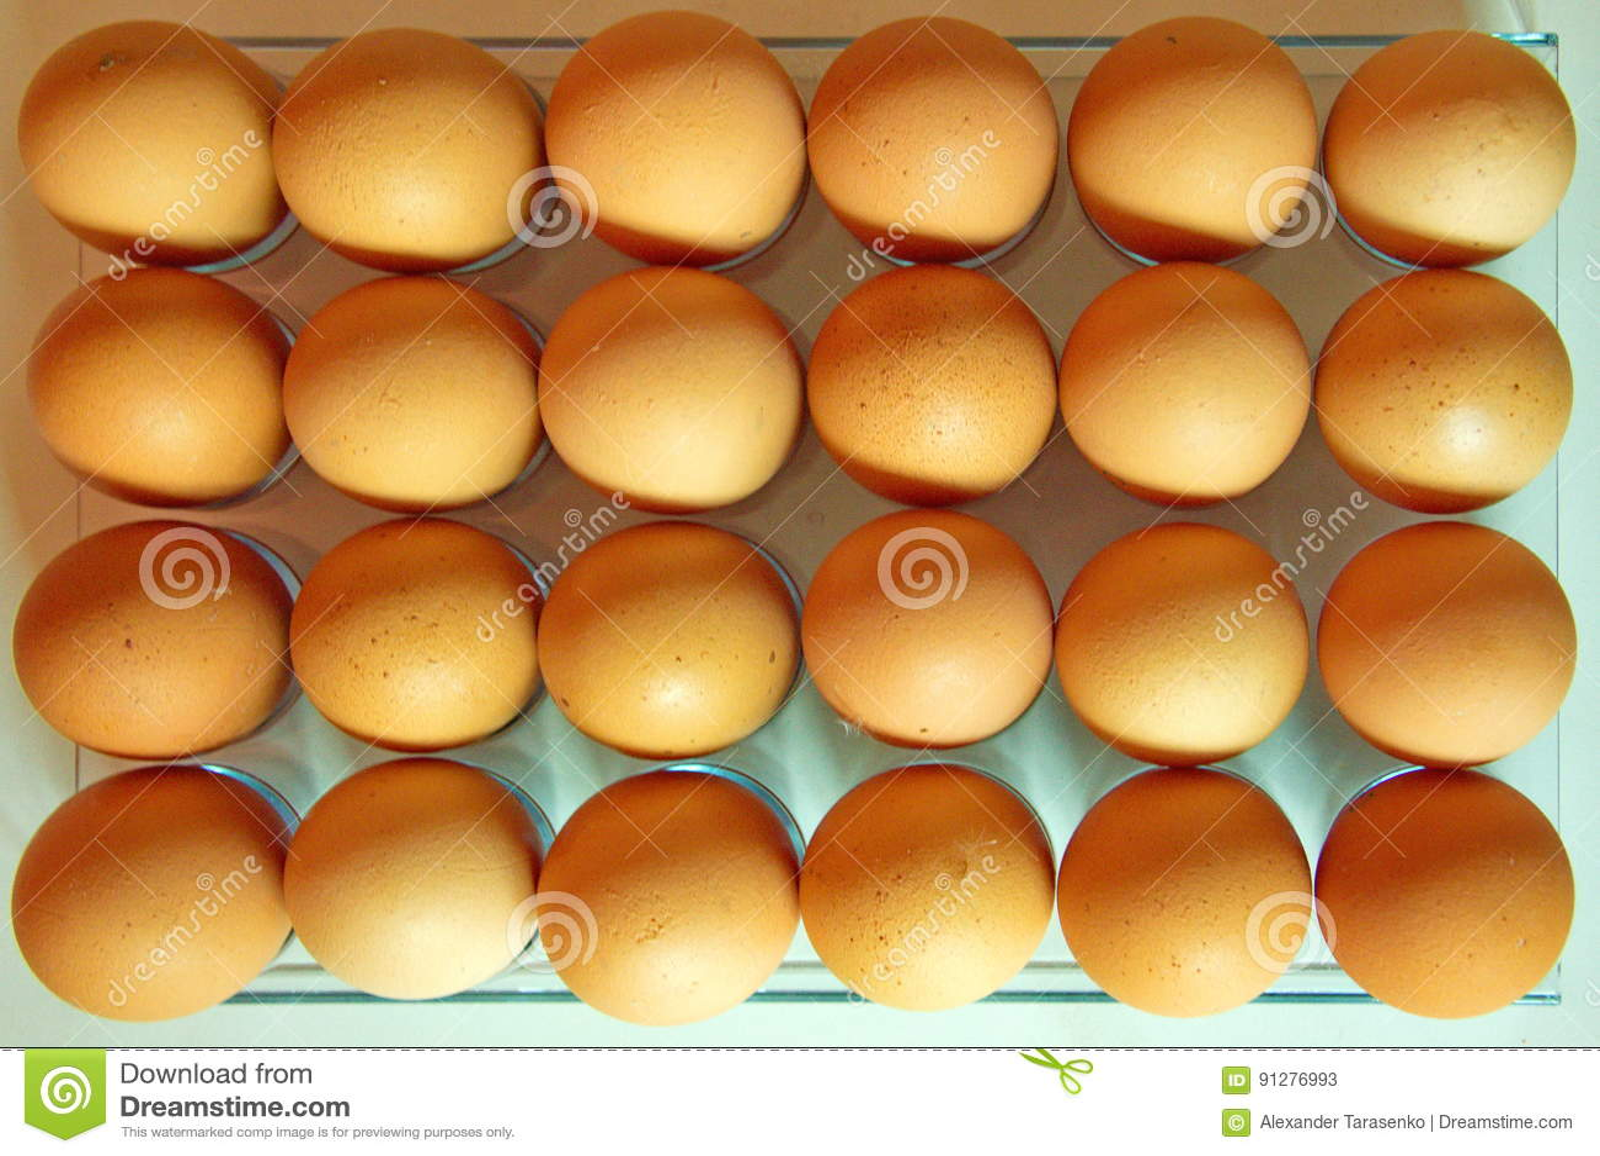 Lott av ägg i rad, plansikt